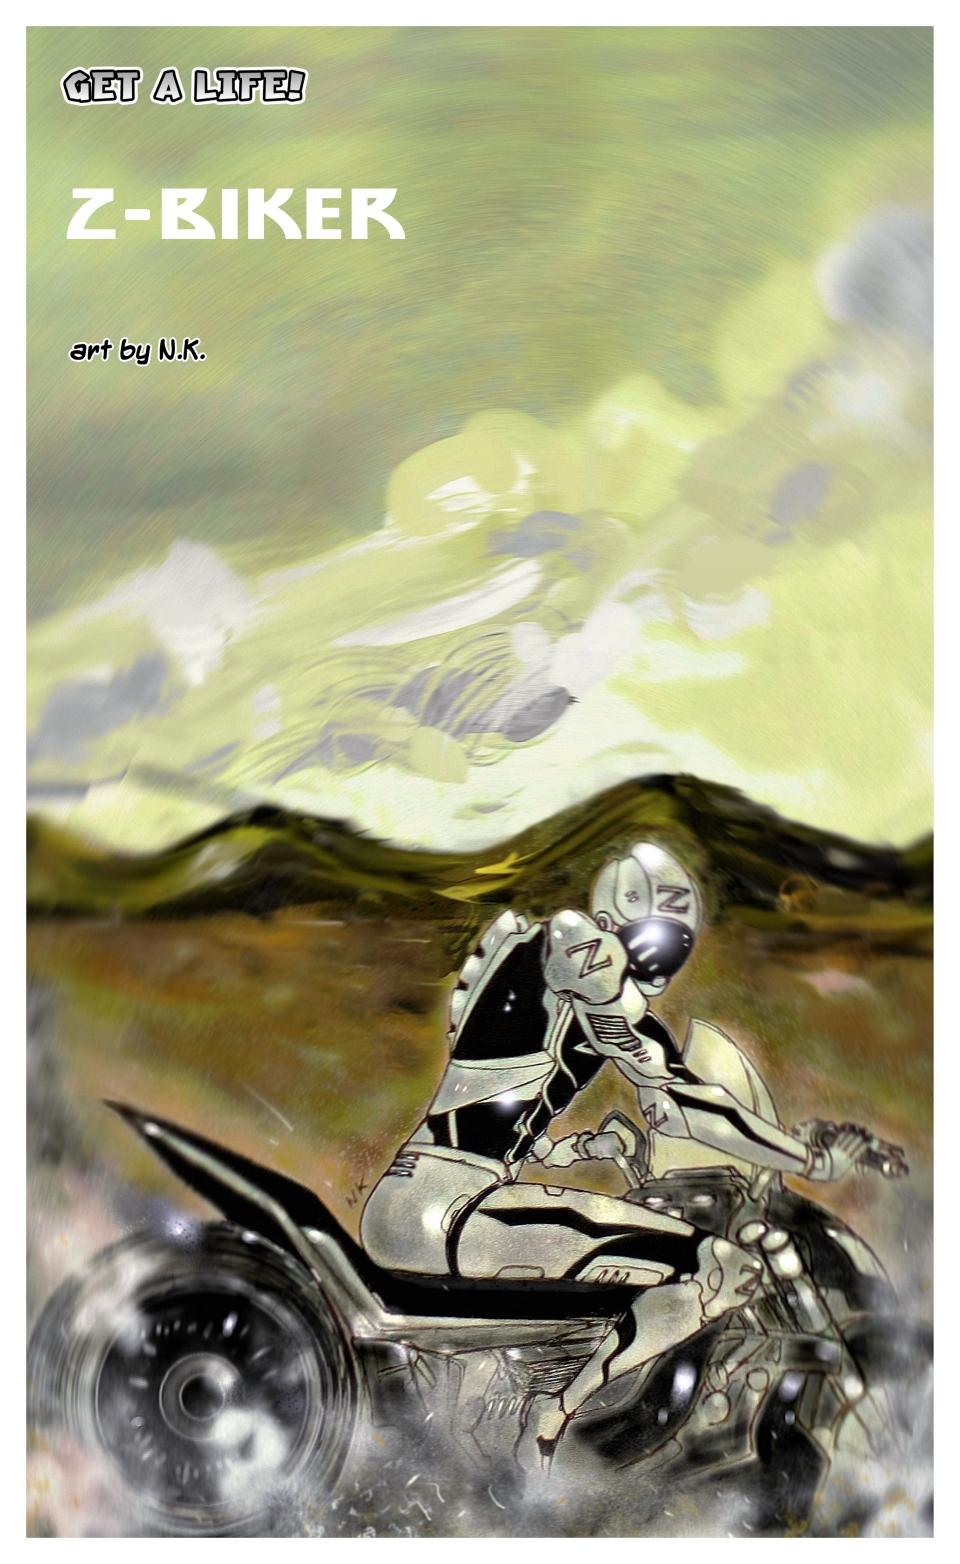 The Z-Biker - art bonus by NK